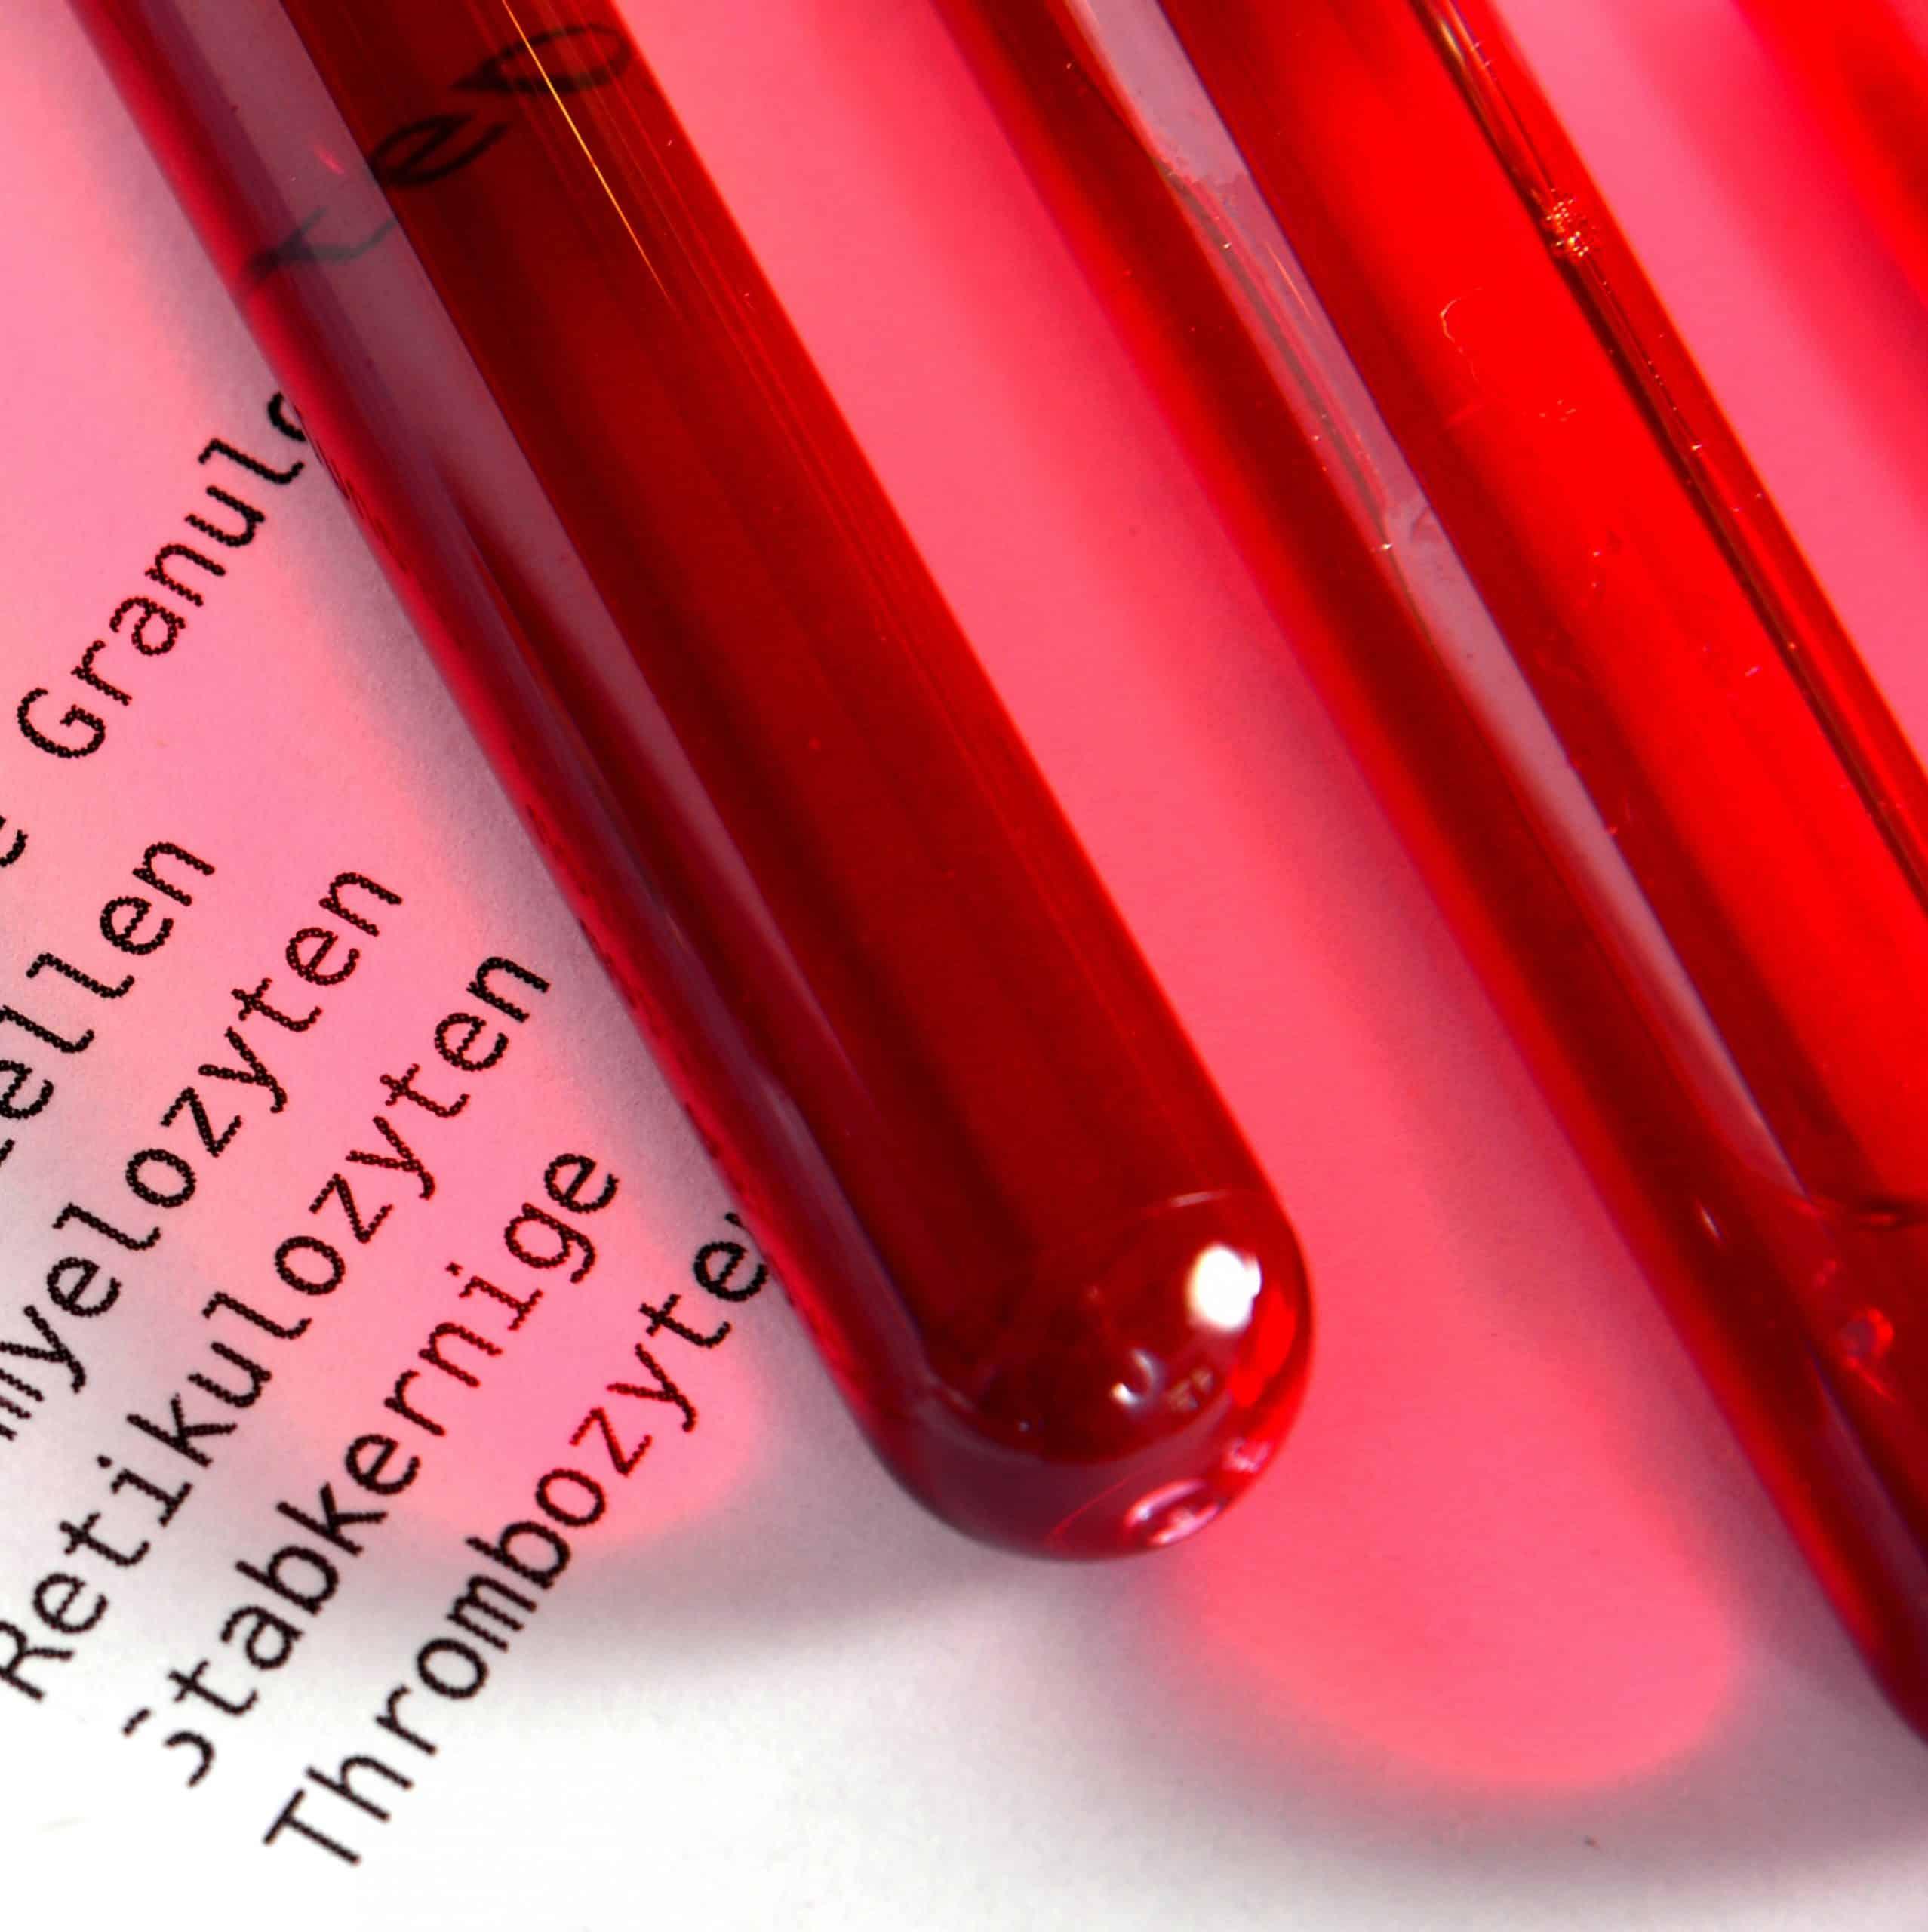 Röhrchen für Blutanalyse